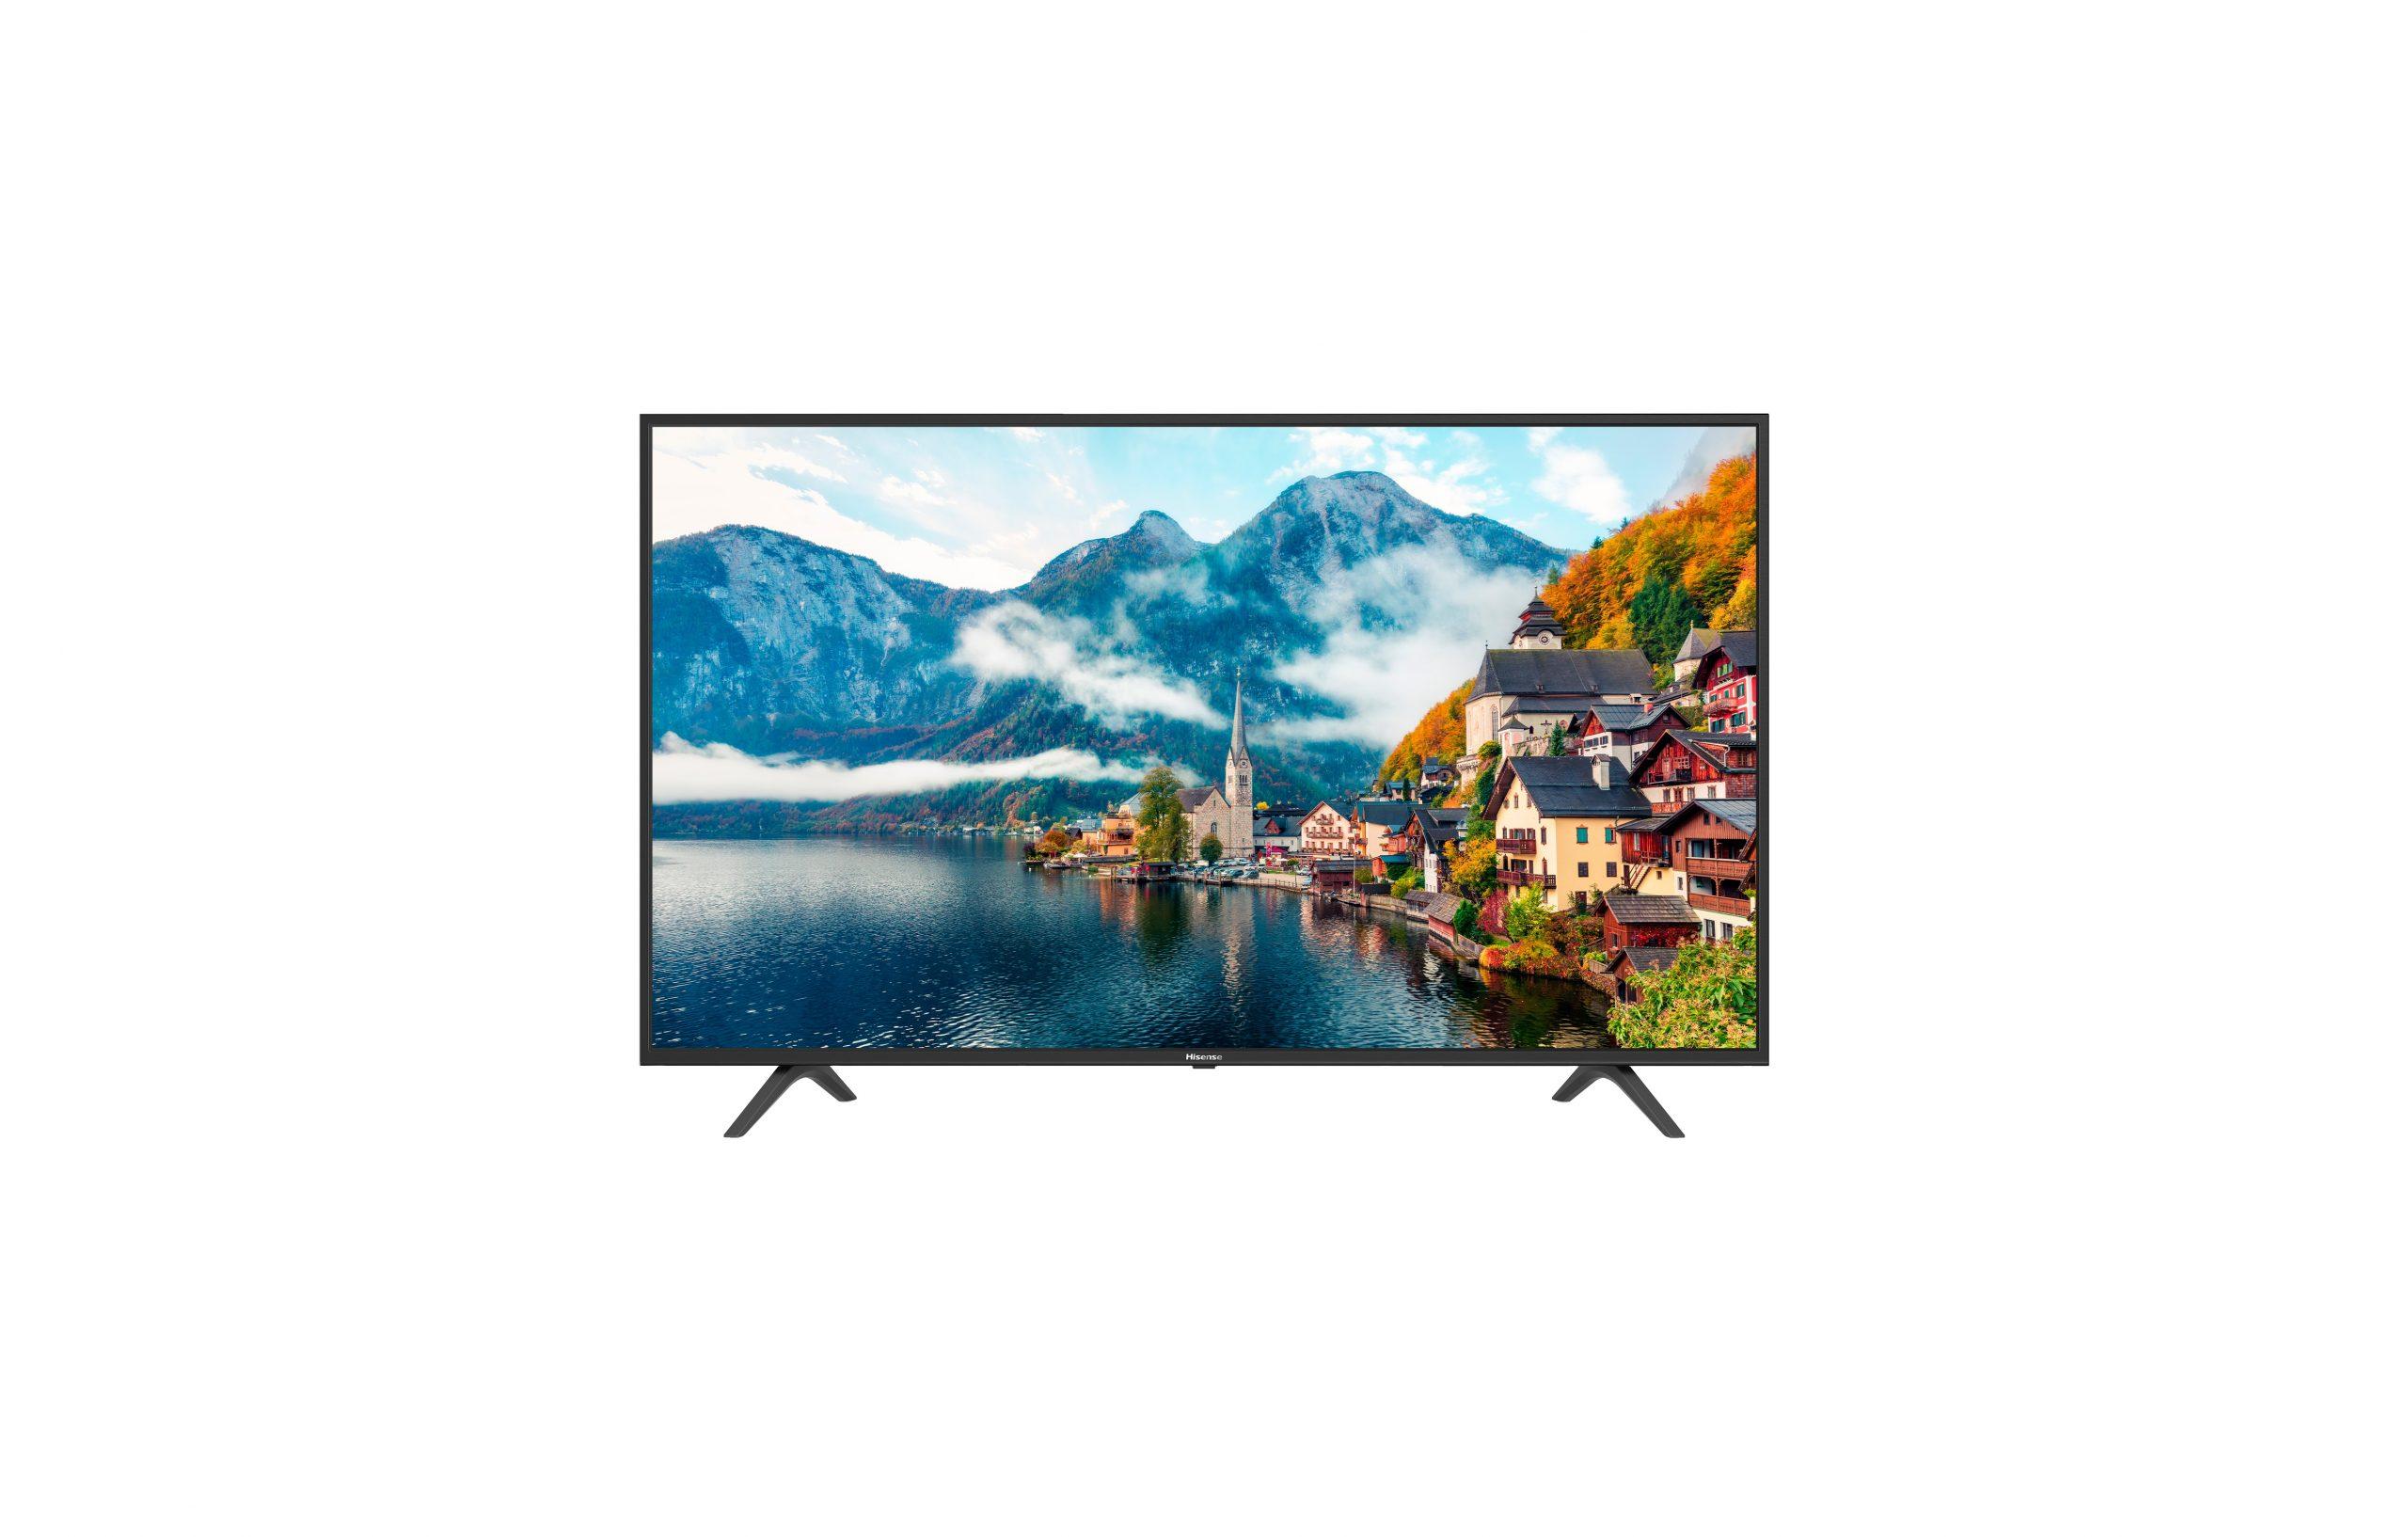 HISENSEH50B7100, 127 cm (50″), 3840 x 2160 pixels, LED